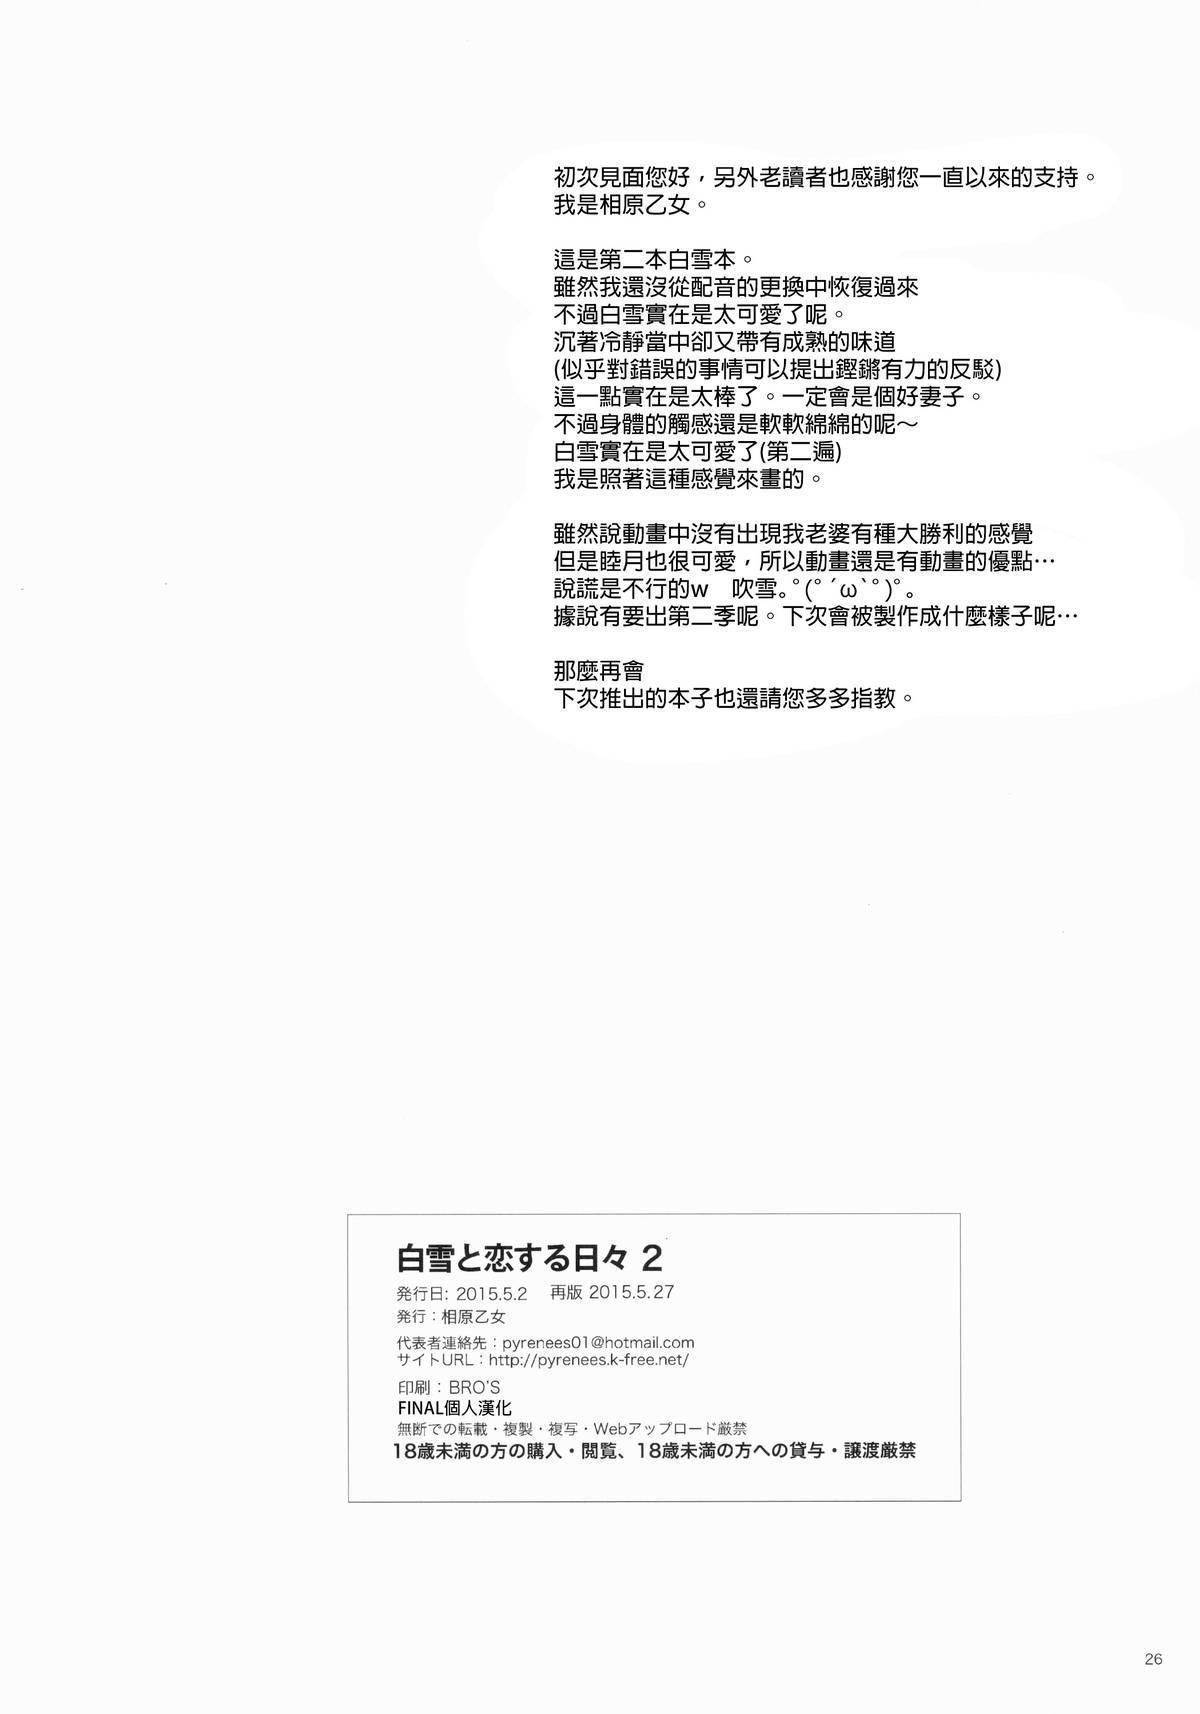 Shirayuki to Koi suru Hibi 2 24